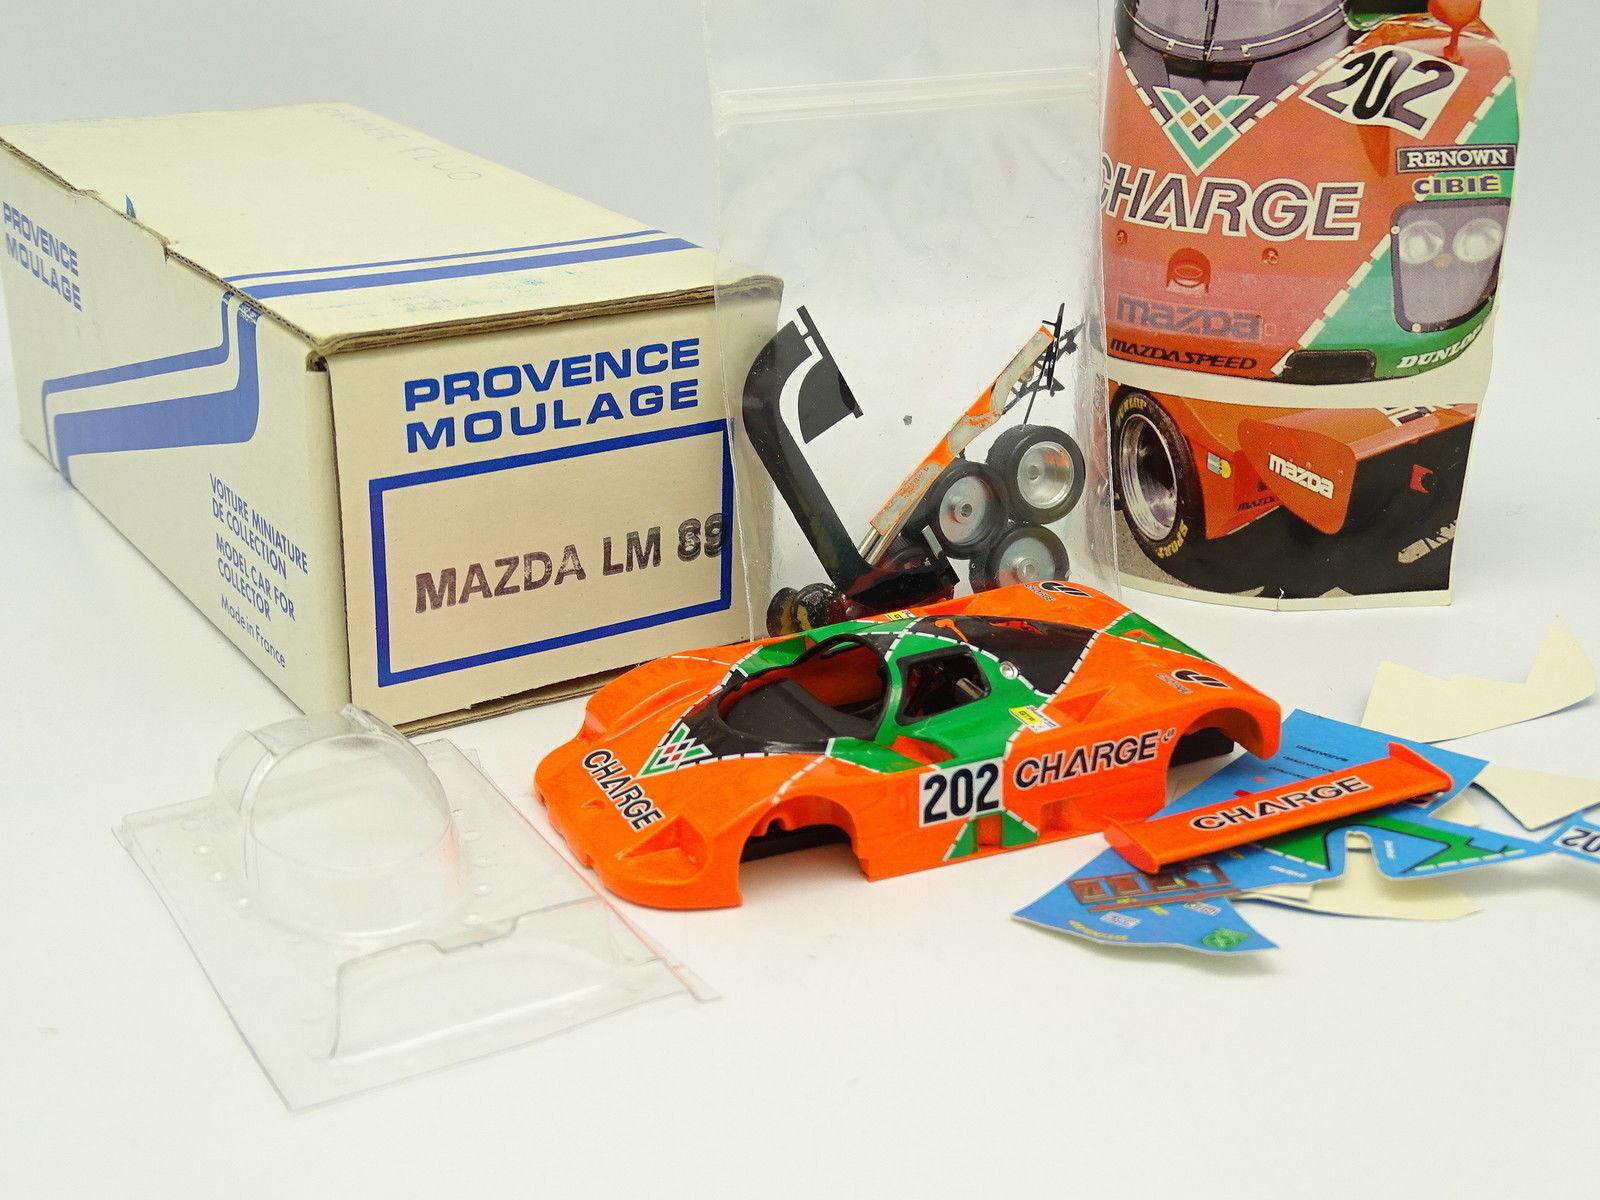 Provence Moulding Moulding Moulding Kit à Monter 1 43 - Mazda 767 Le Mans 1989 c7539f